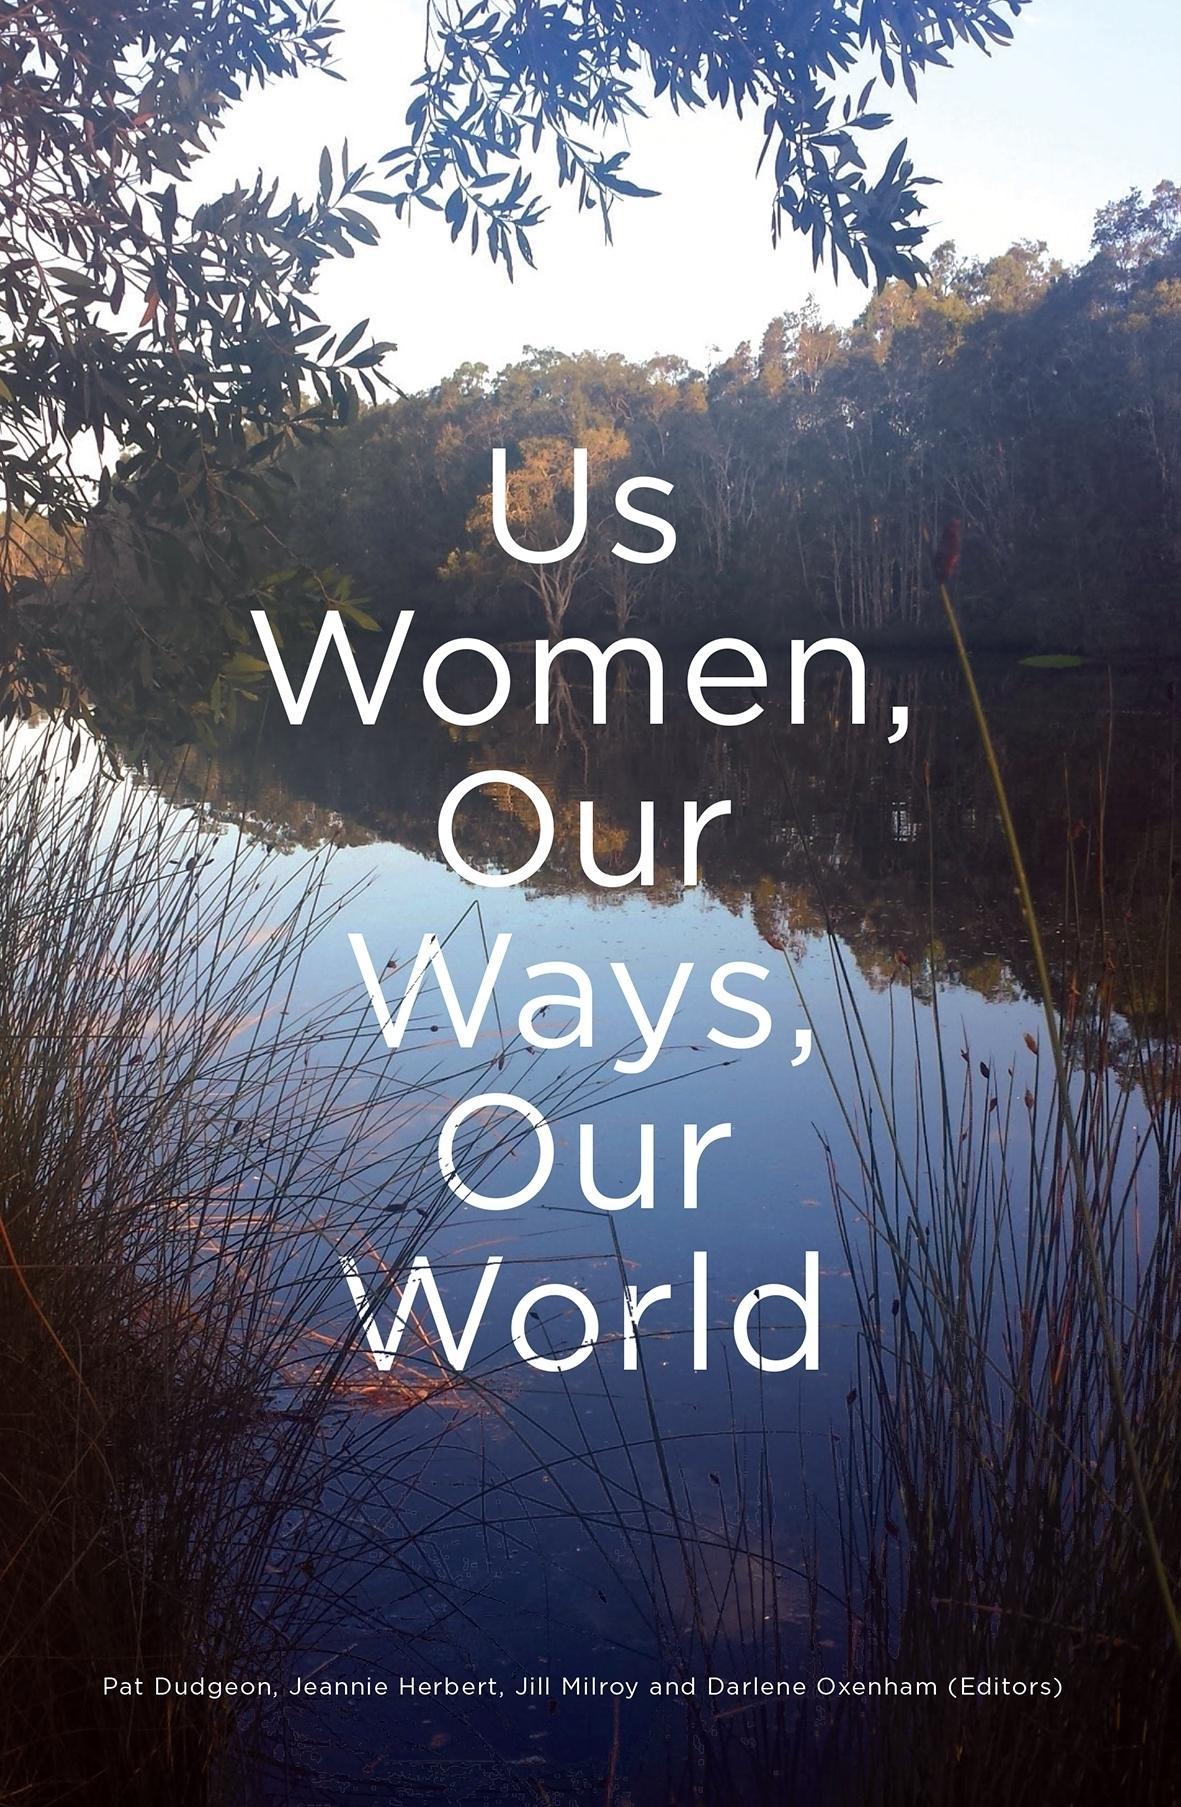 Us Women, Our Ways,OurWorld